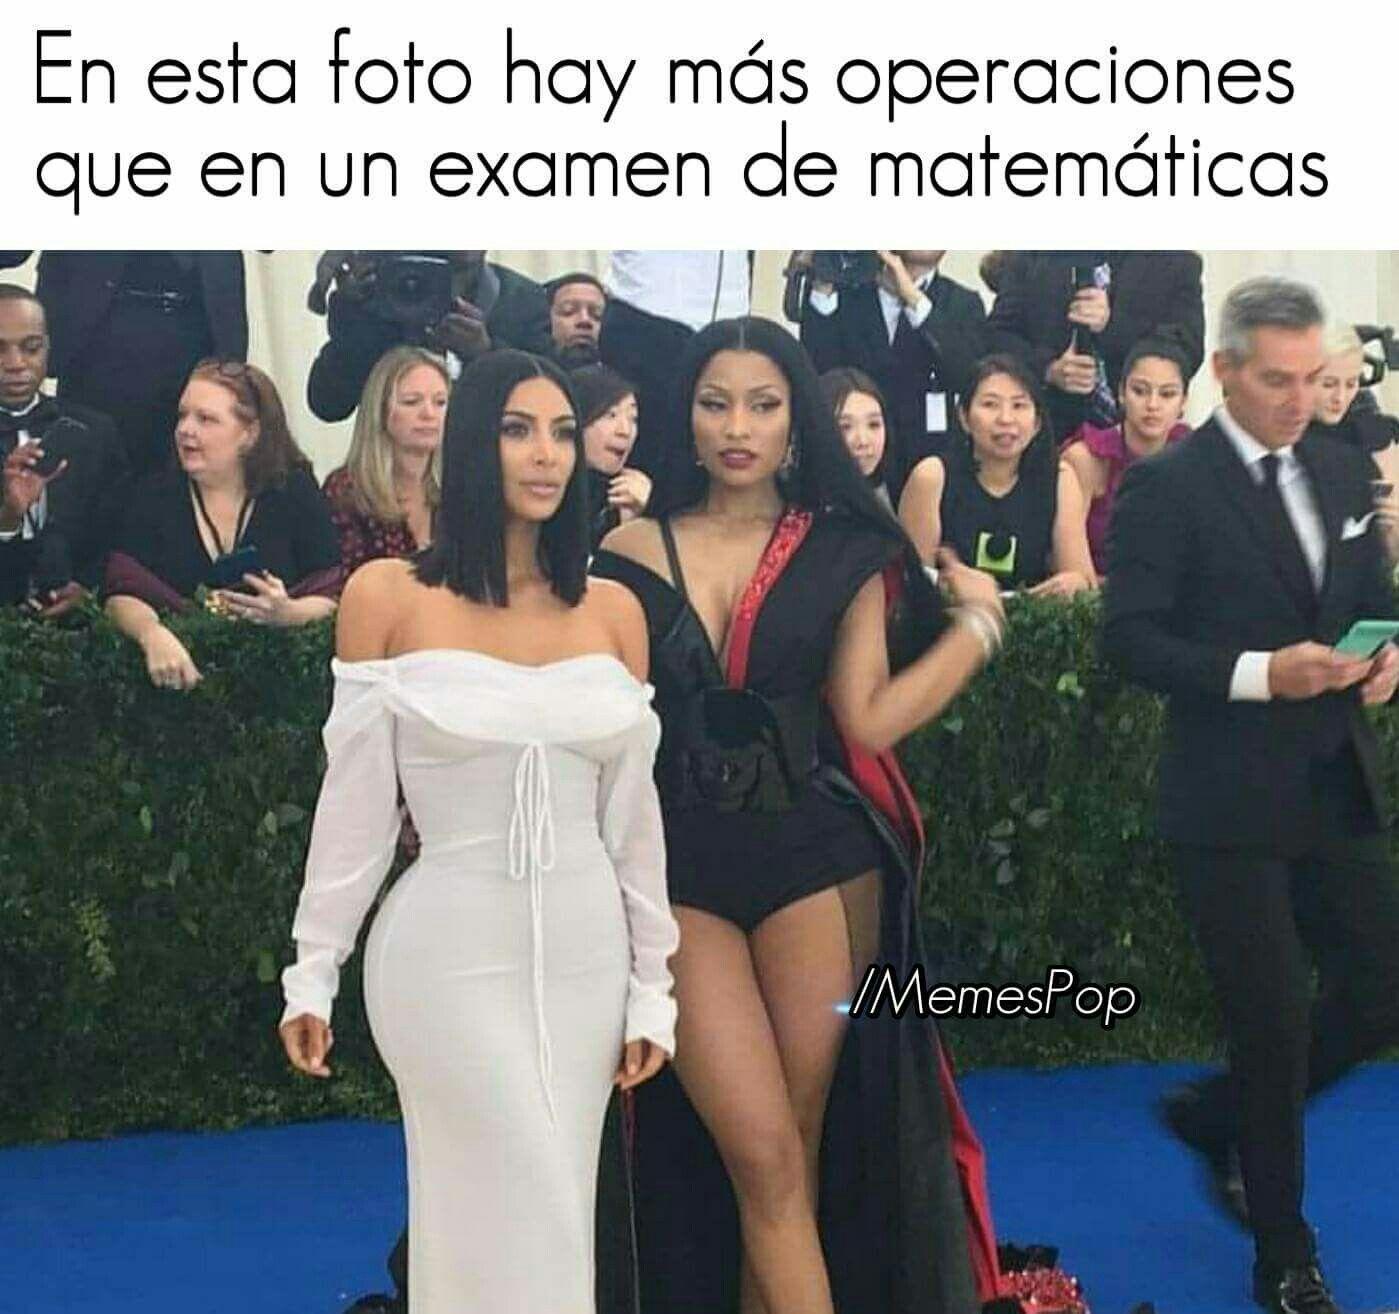 Jsjjquzujshzua Verdad Memes Kardashian Memes Mejores Memes